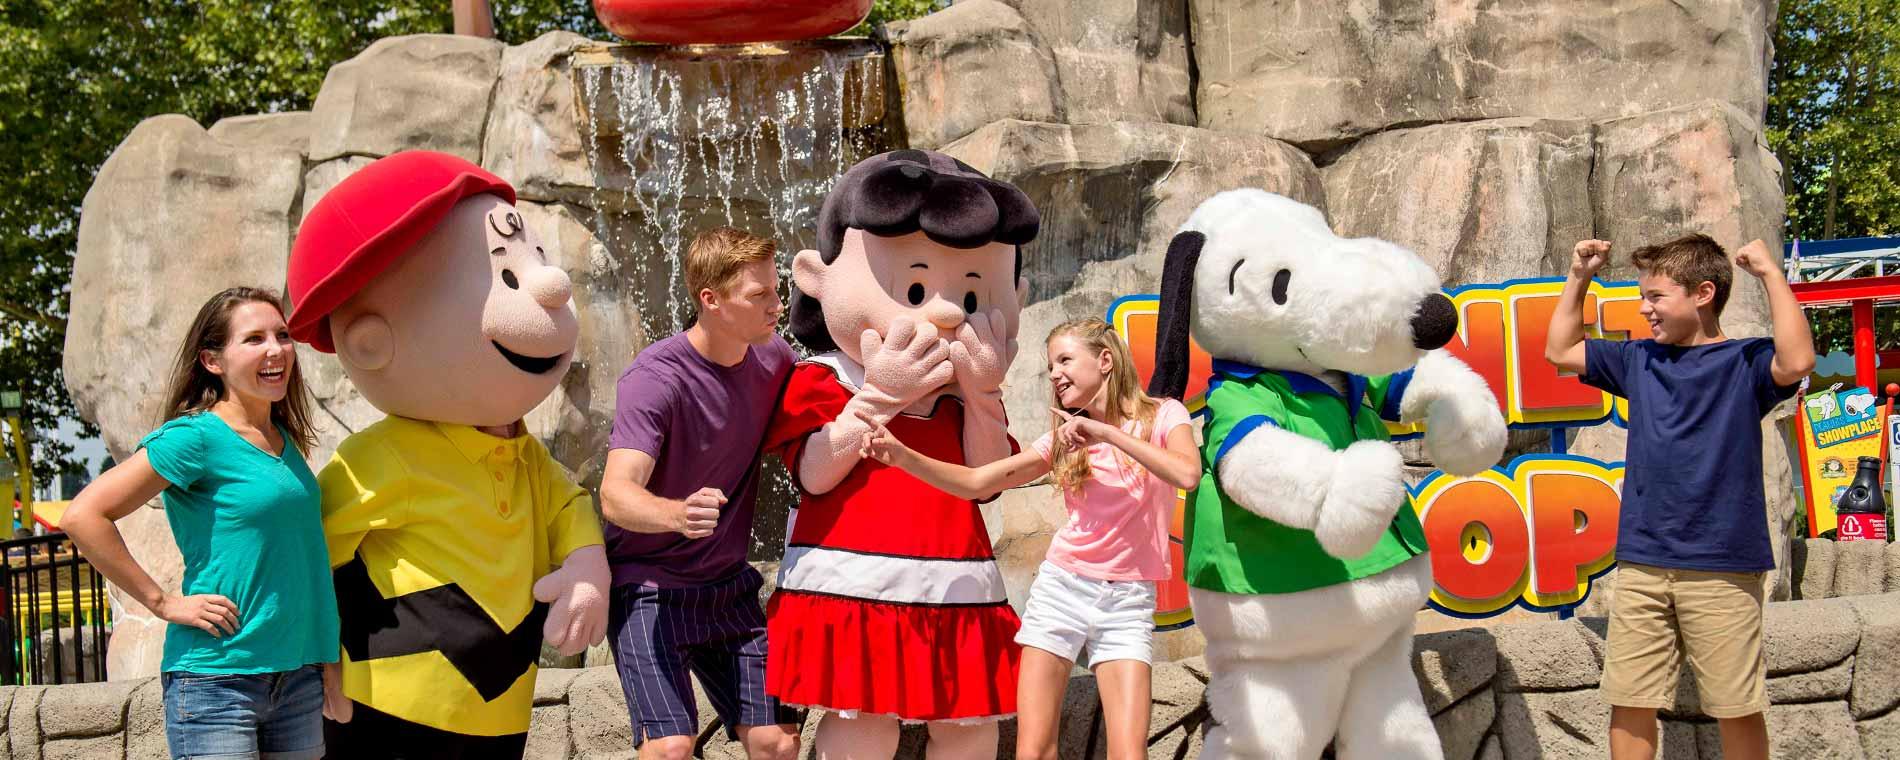 Character meet greet live entertainment dorney park character meet greet m4hsunfo